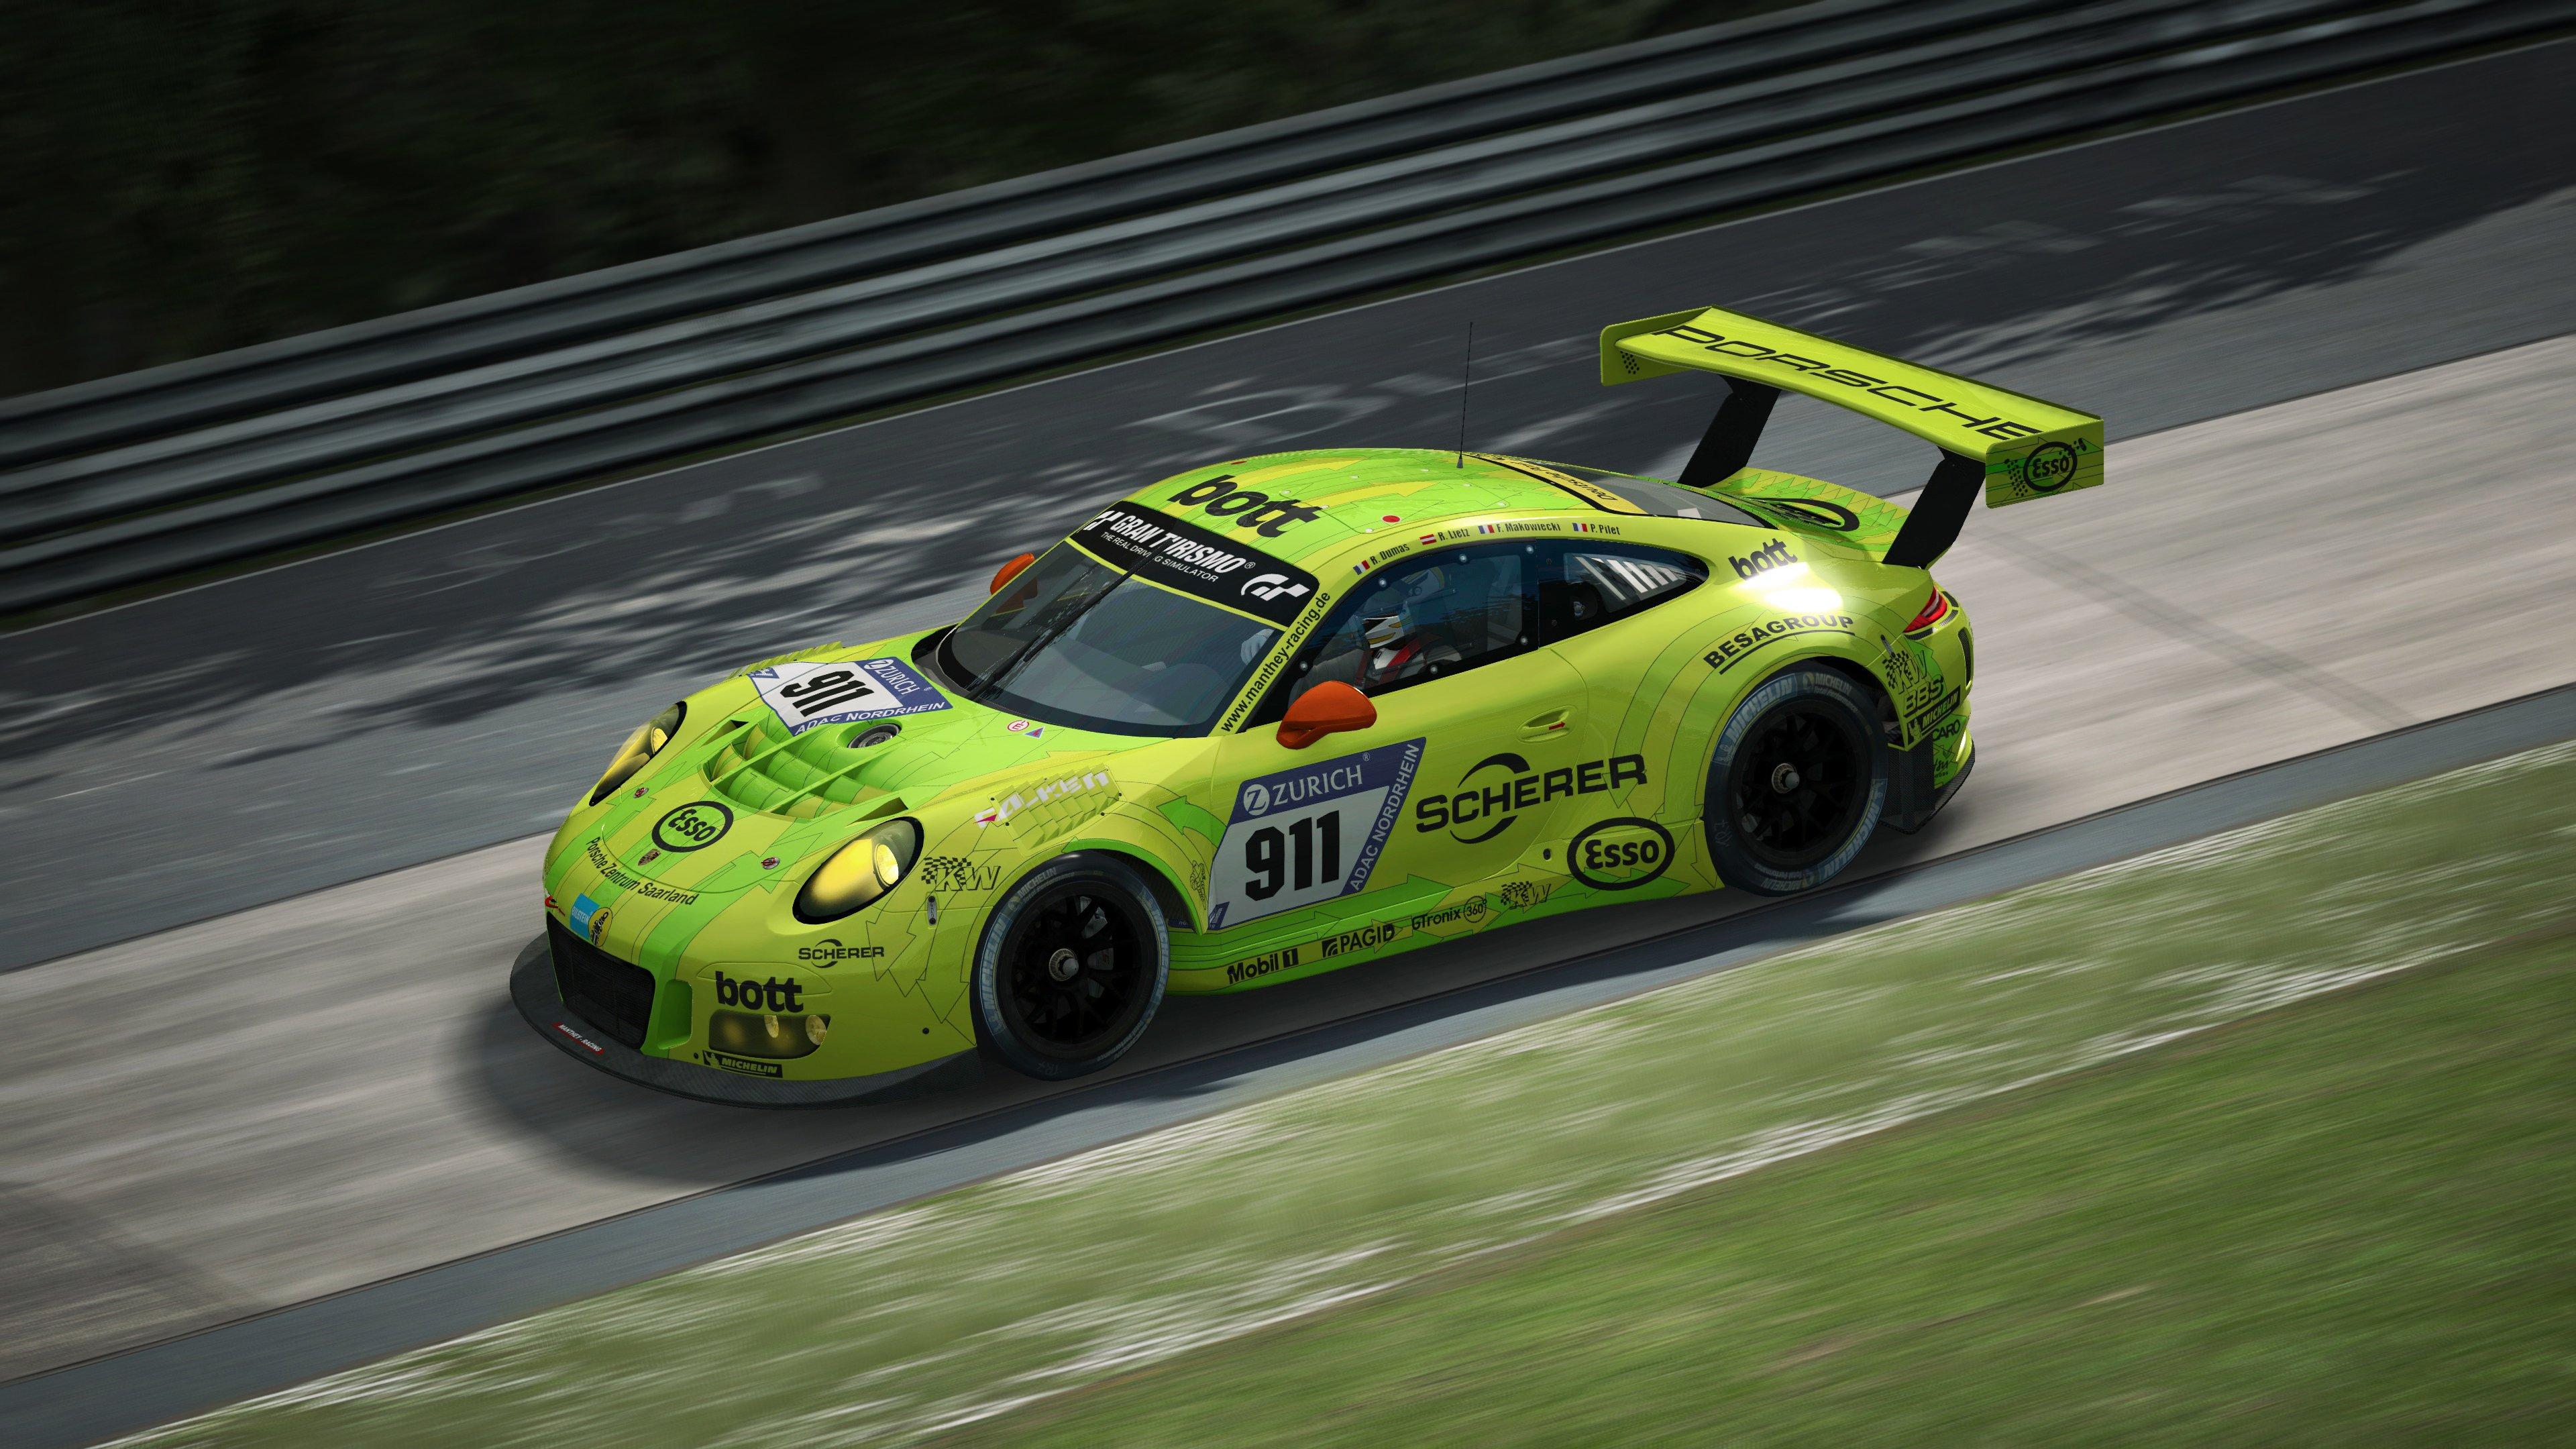 RaceRoom Porsche 911 GT3 R 41